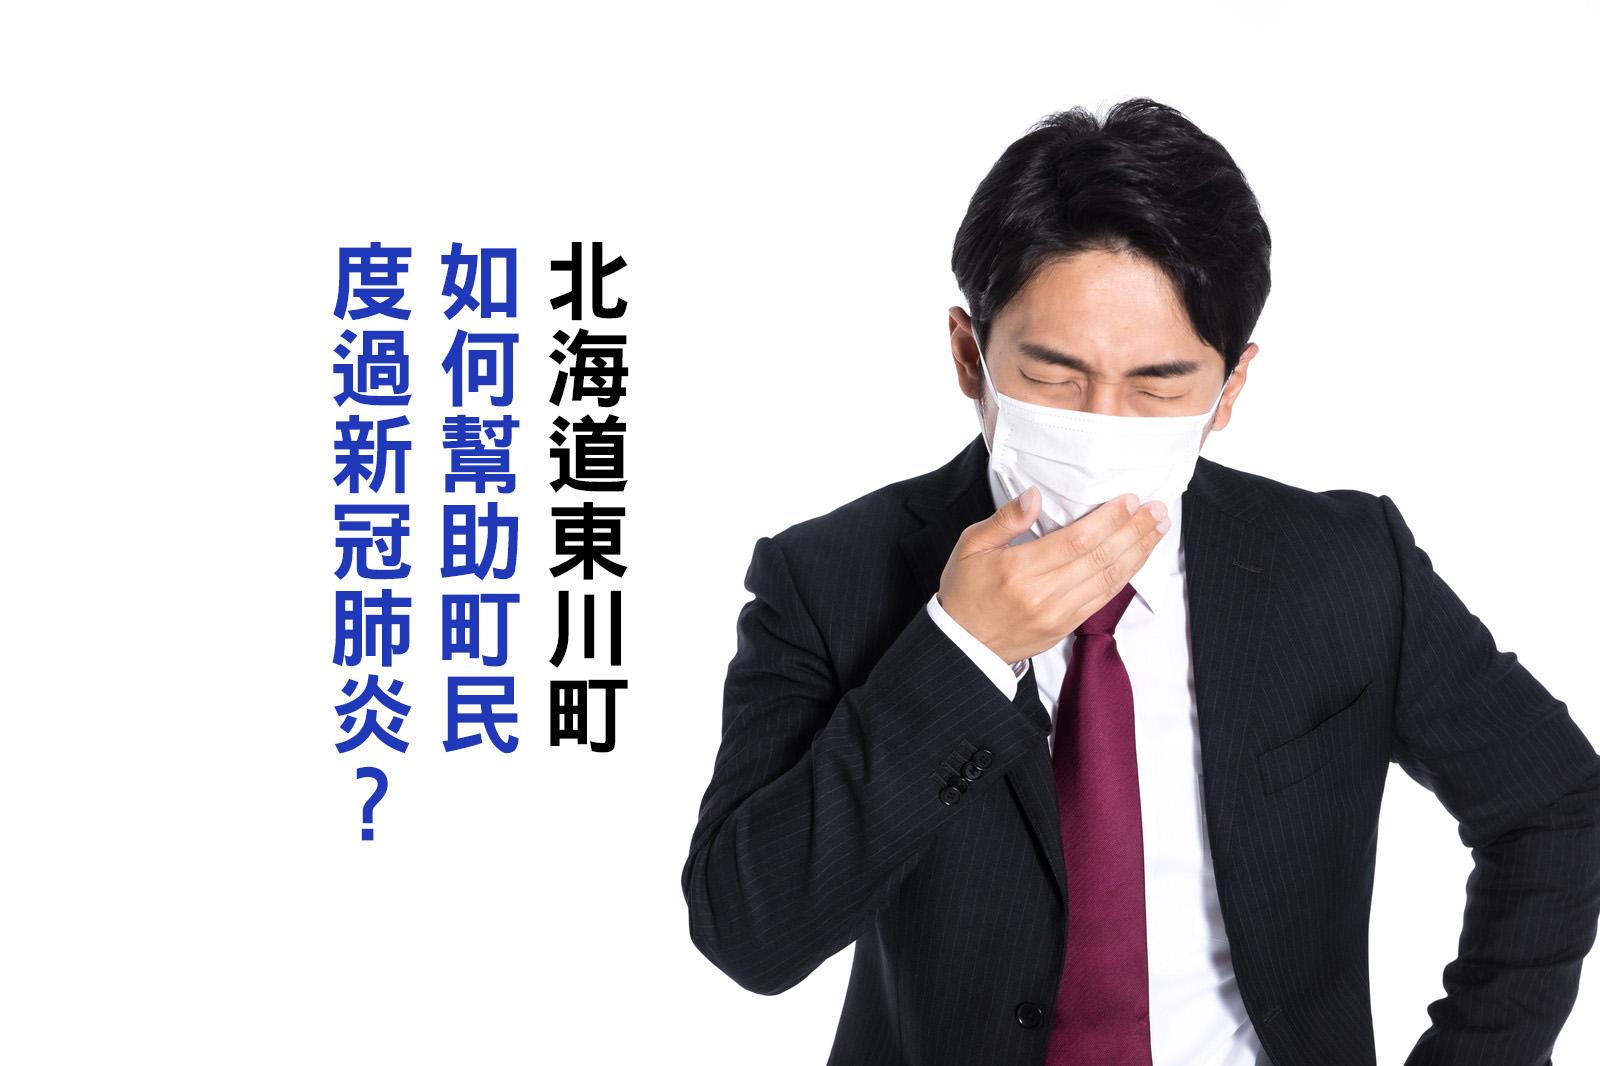 北海道東川町 如何幫助町民度過新冠肺炎?